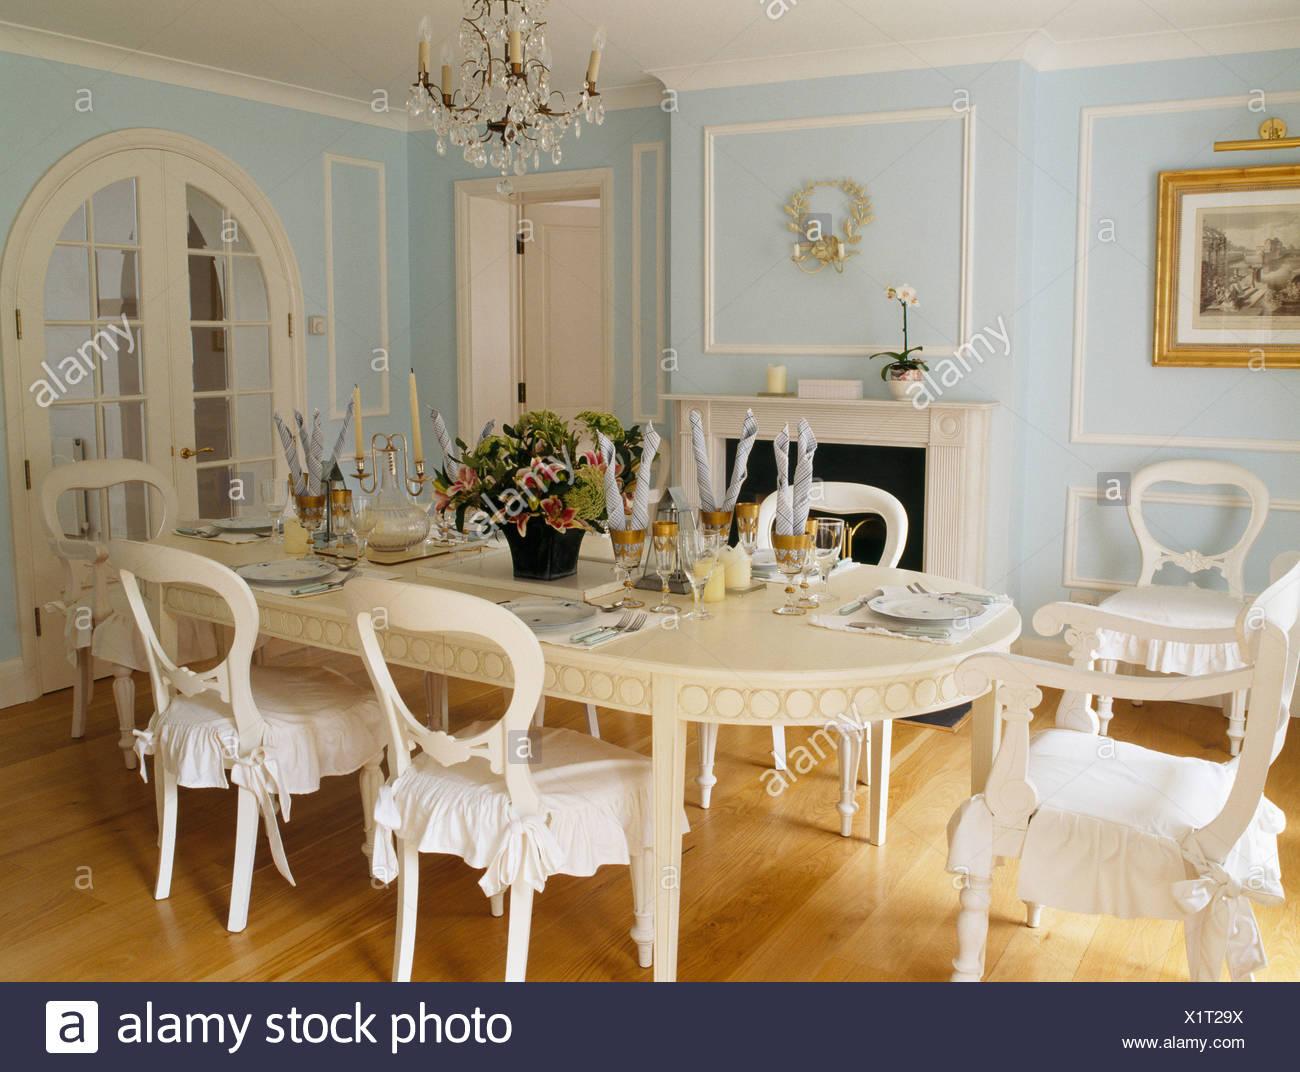 Tavoli Da Pranzo Bianchi.Crema Lungo Tavolo Ovale E Sedie Color Crema Con Cuscini Bianchi